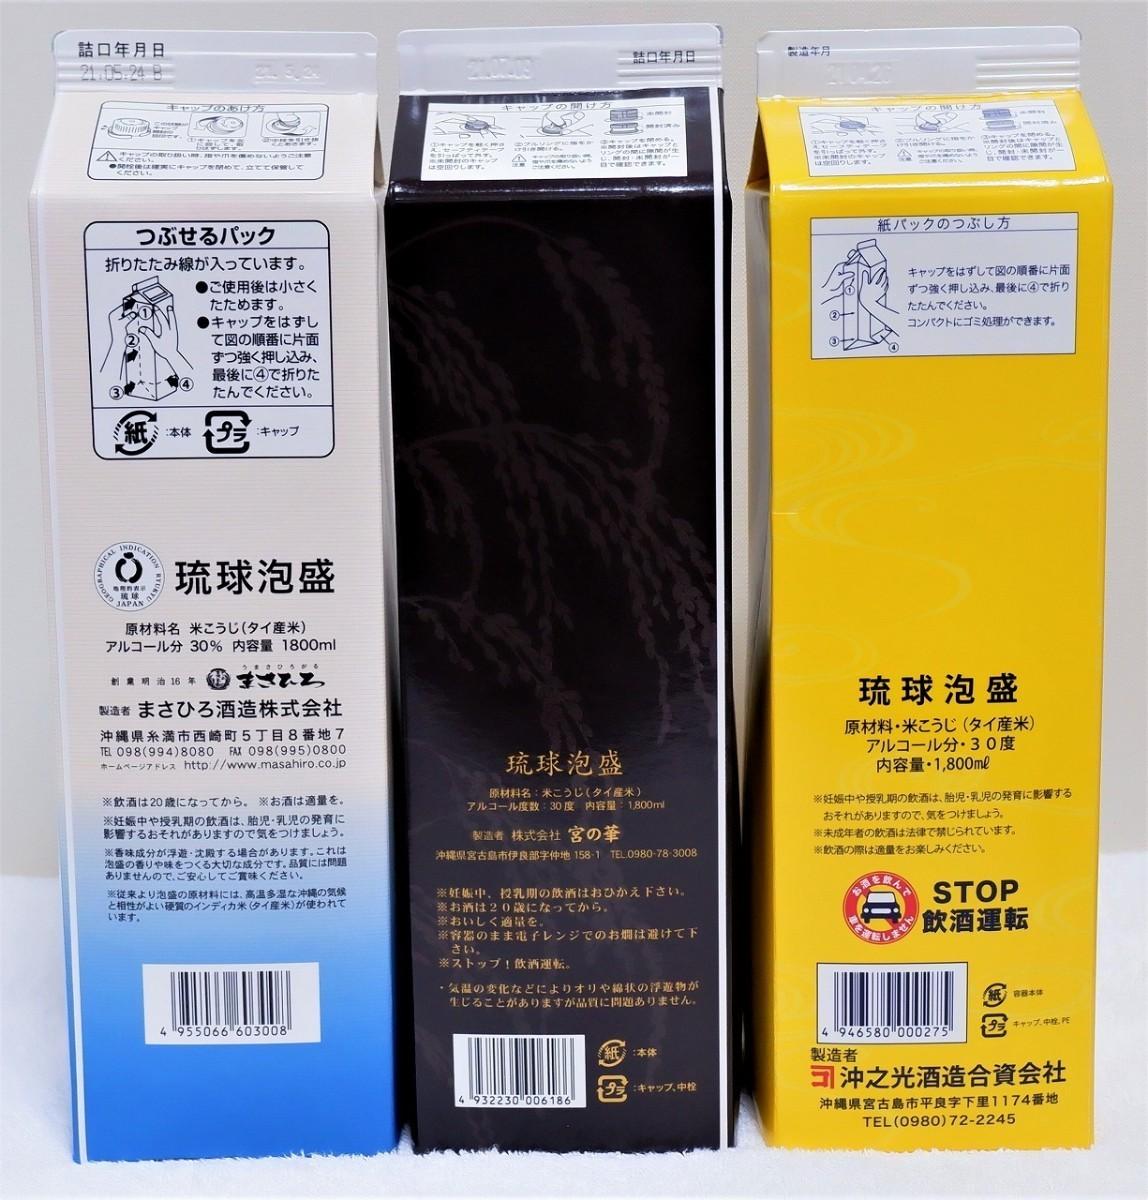 ☆沖縄応援☆泡盛30度「6銘酒飲み比べセット」1800ml紙パック